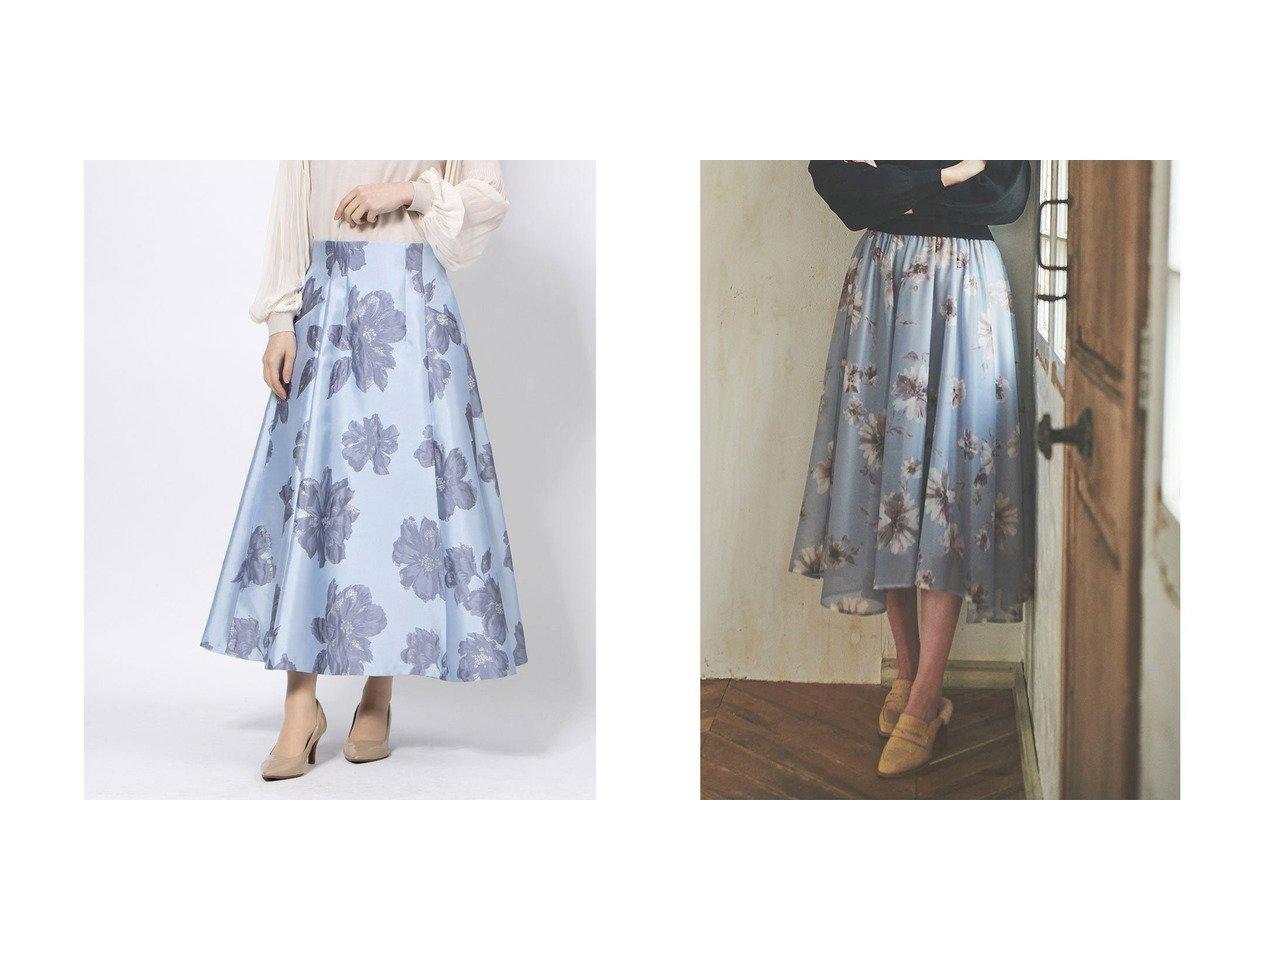 【31 Sons de mode/トランテアン ソン ドゥ モード】の【スカート】水彩花柄イレヘムスカート&【JUSGLITTY/ジャスグリッティー】のジャガードフレアスカート スカートのおすすめ!人気、レディースファッションの通販 おすすめで人気のファッション通販商品 インテリア・家具・キッズファッション・メンズファッション・レディースファッション・服の通販 founy(ファニー) https://founy.com/ ファッション Fashion レディース WOMEN スカート Skirt Aライン/フレアスカート Flared A-Line Skirts エレガント フレア イレギュラーヘム オーガンジー シンプル フェミニン フラワー プリント 冬 Winter |ID:crp329100000001509